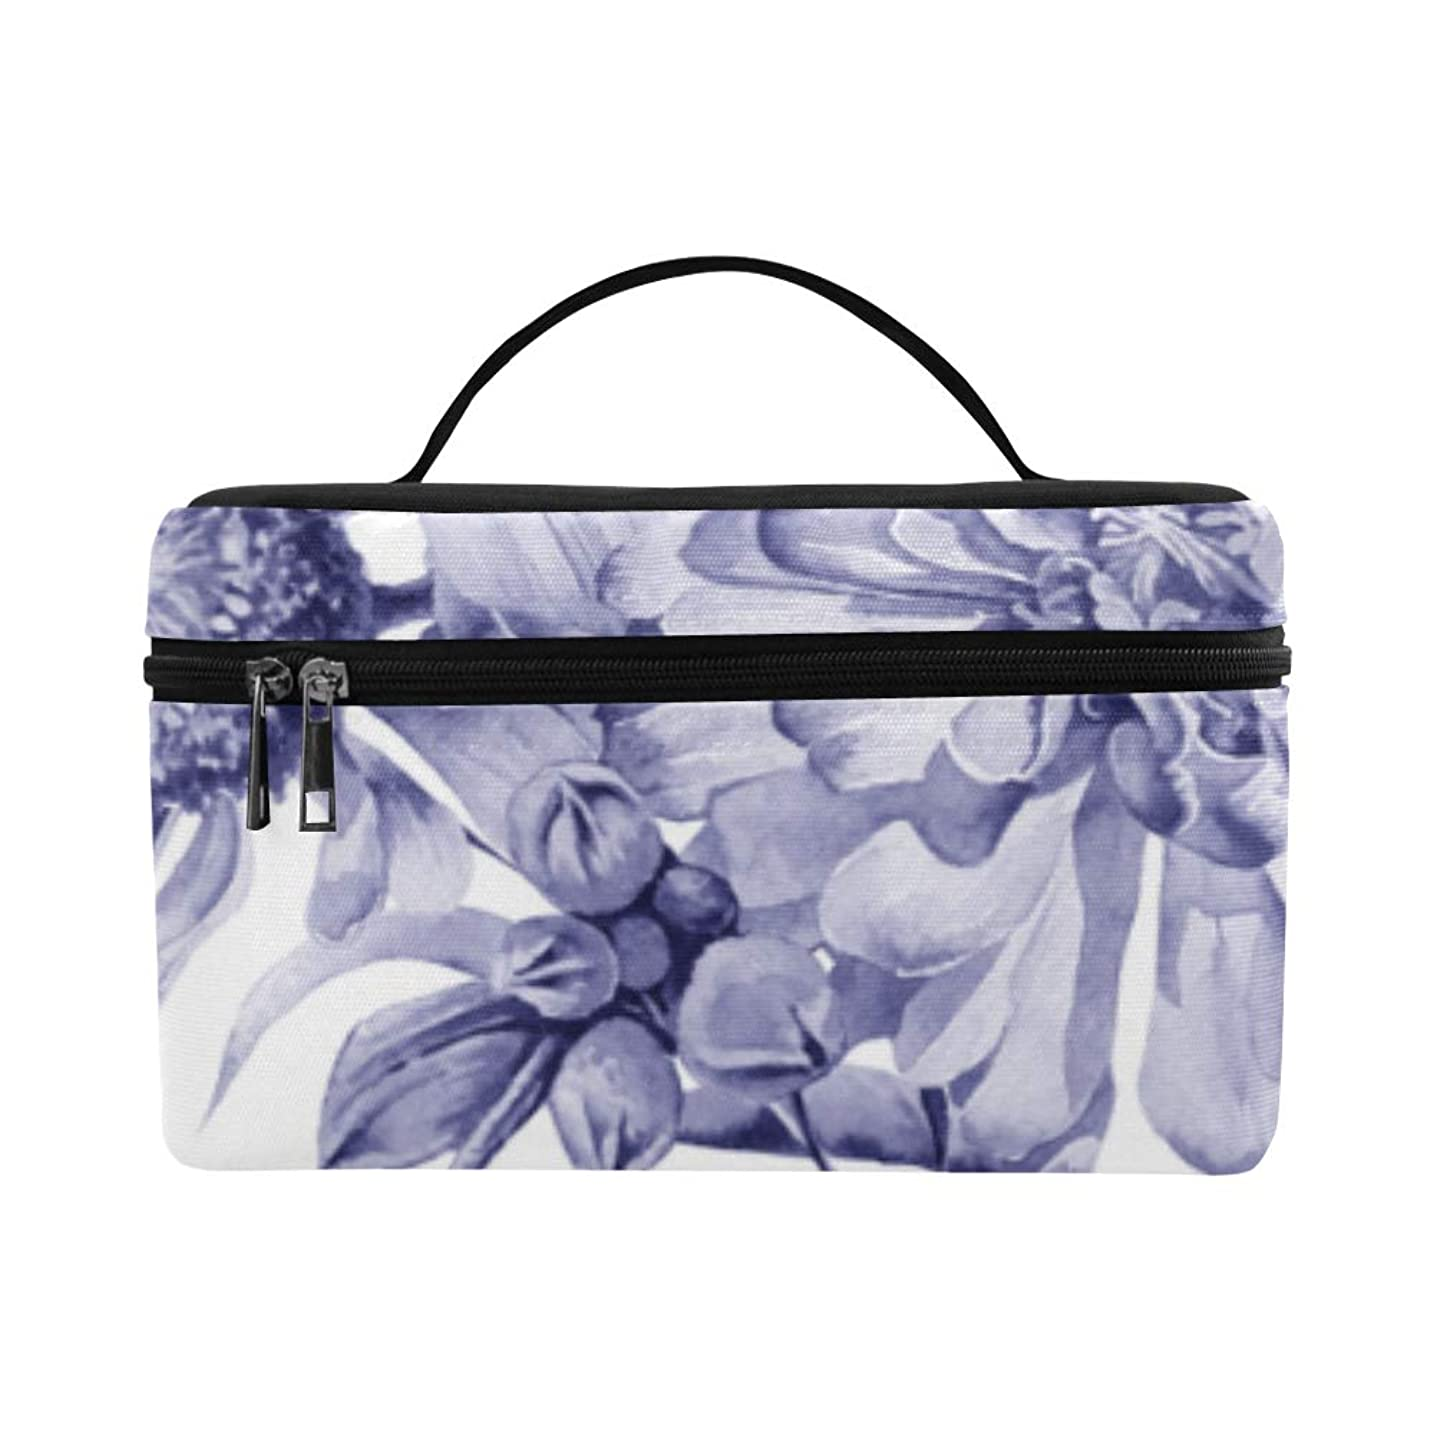 シルエット称賛眼KWESG メイクボックス 紫色の花 コスメ収納 化粧品収納ケース 大容量 収納ボックス 化粧品入れ 化粧バッグ 旅行用 メイクブラシバッグ 化粧箱 持ち運び便利 プロ用